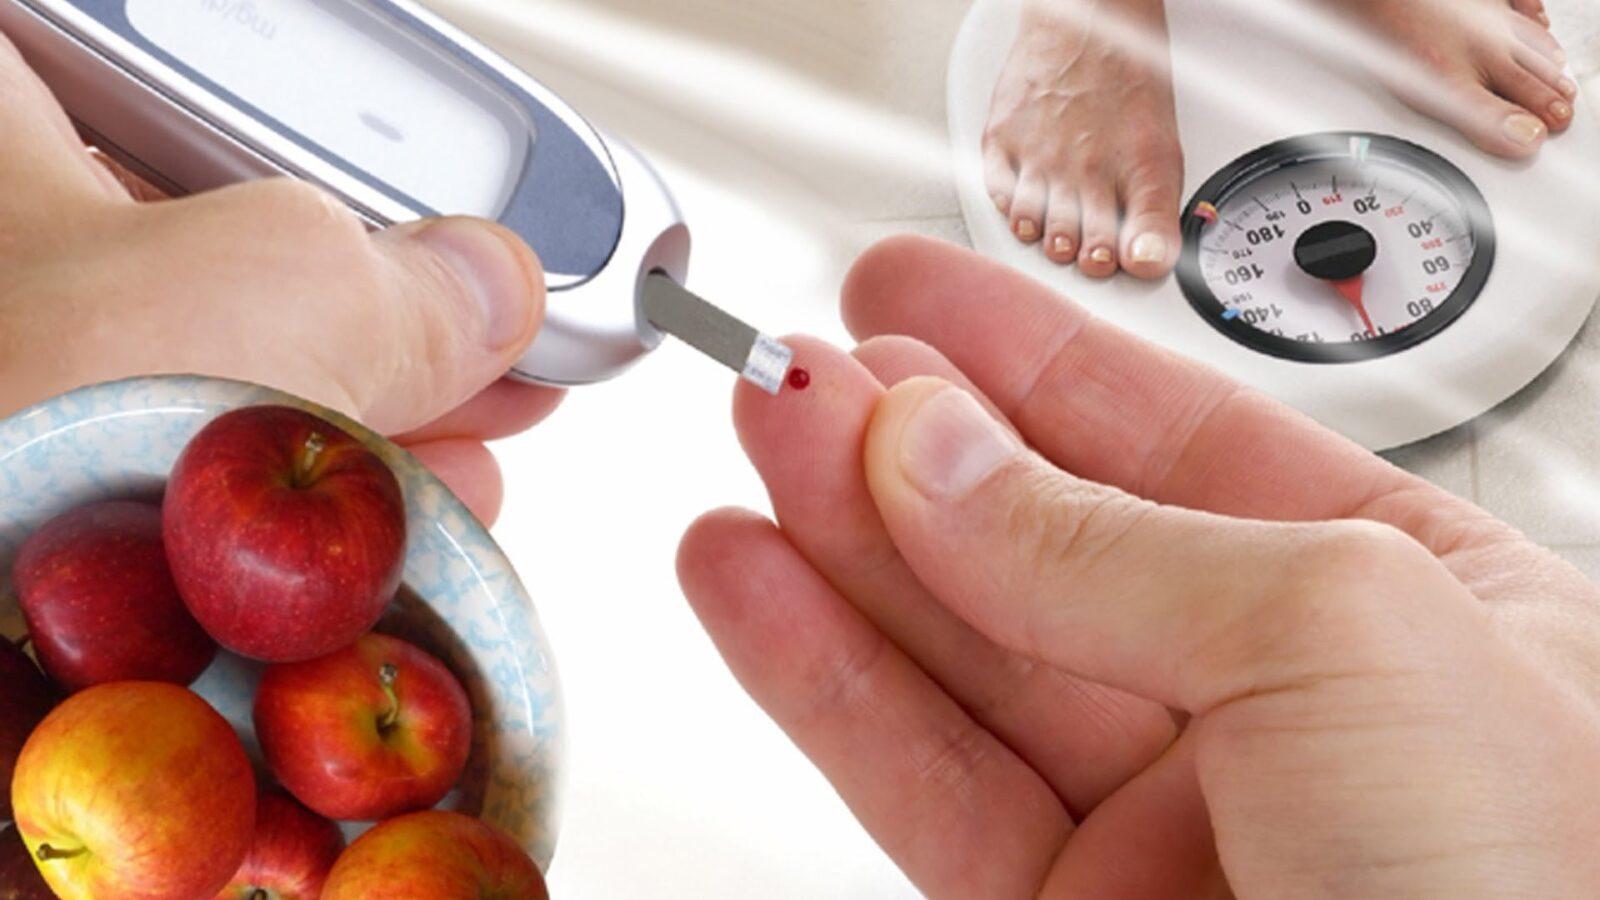 Диабетики с диагностированием заболеванием любого типа знают, что оно сопровождается множеством неприятных симптомов.